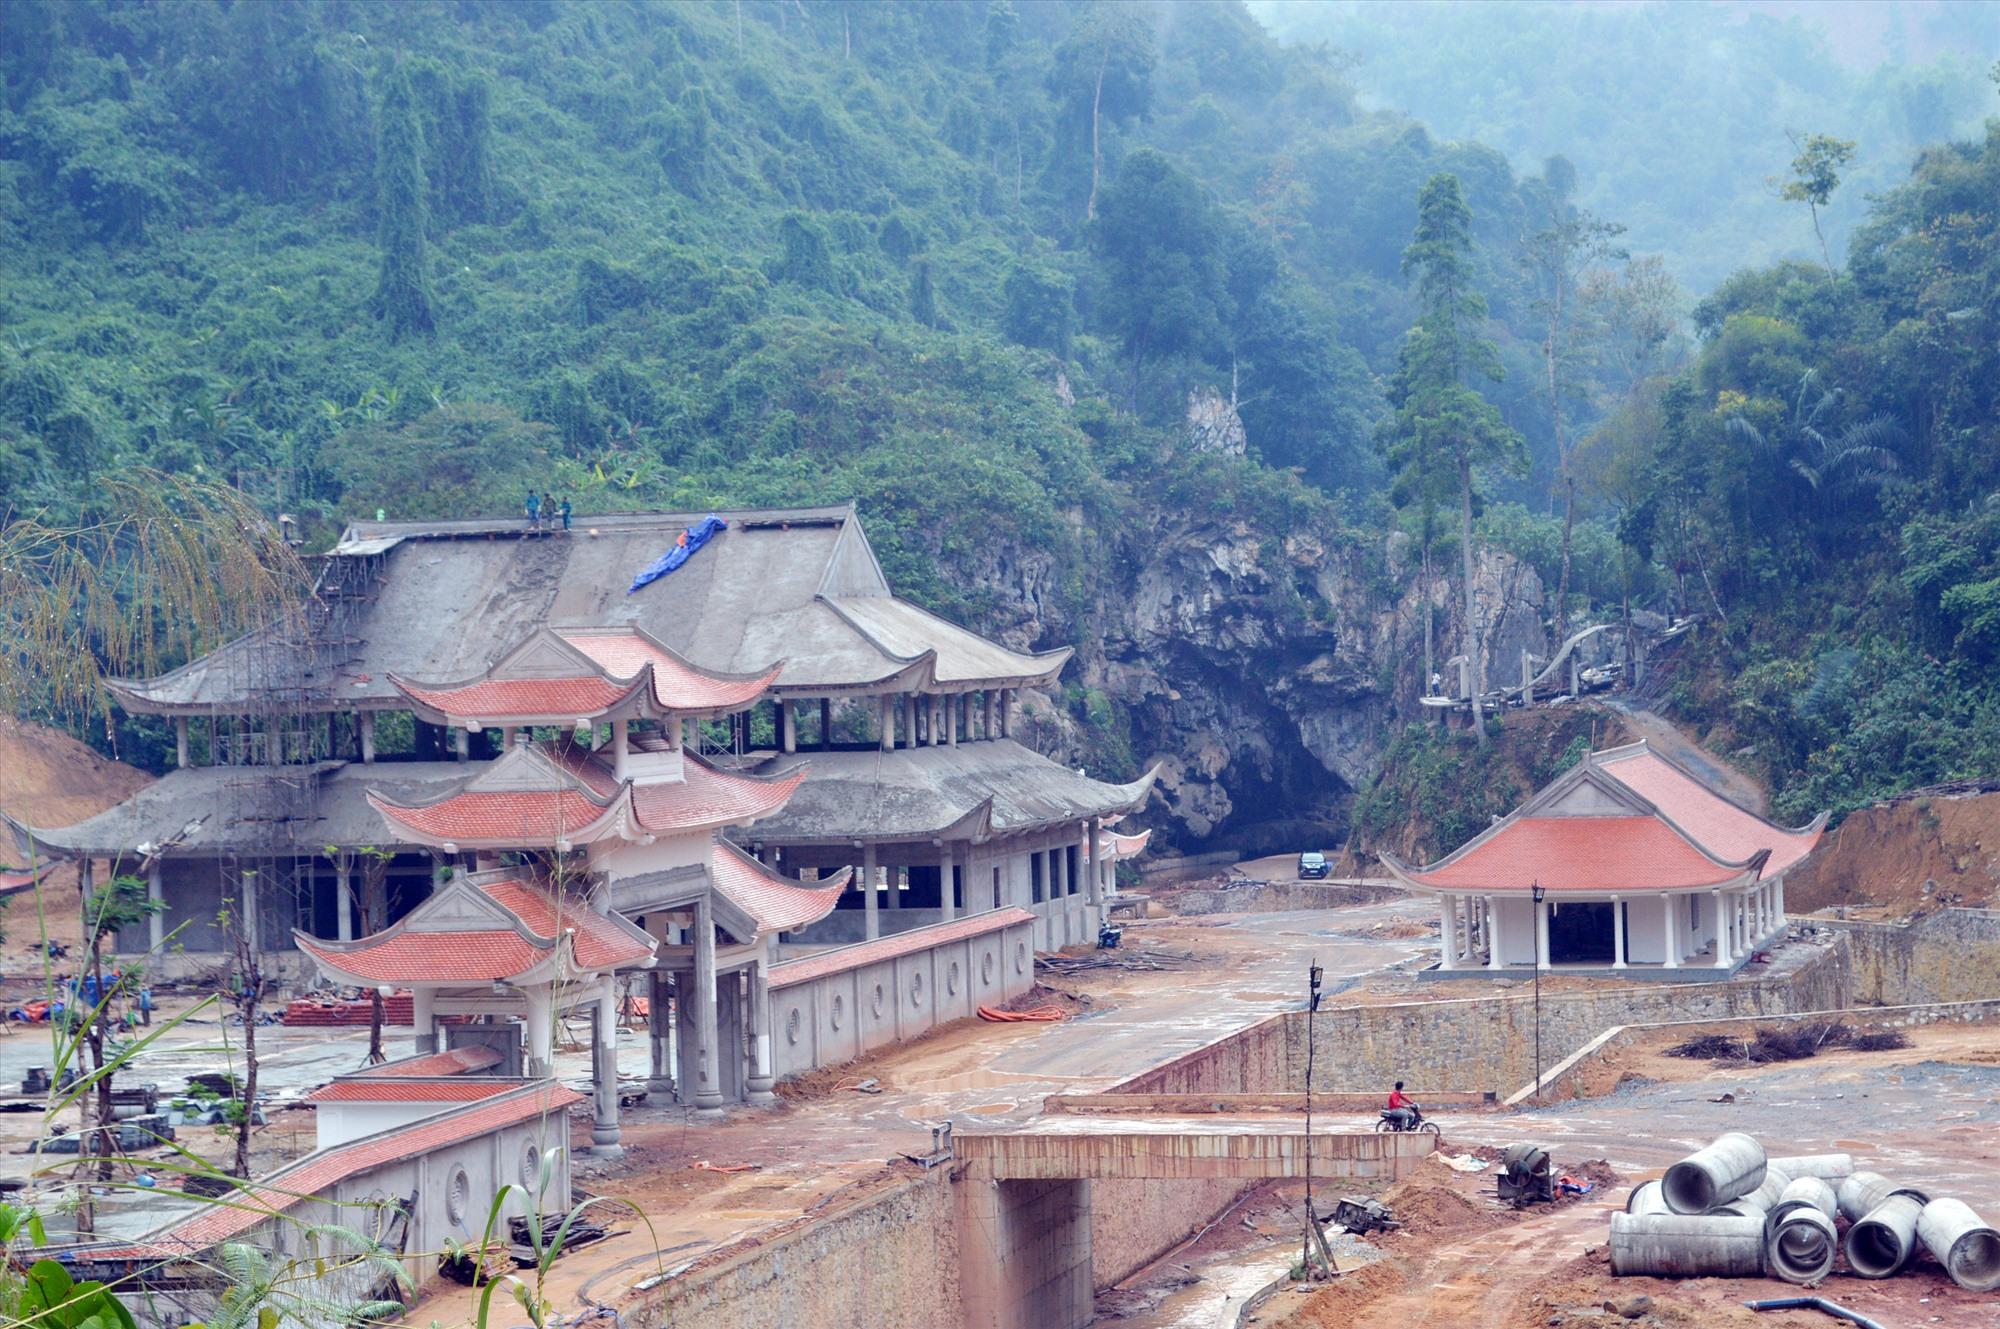 Dự án Khu du lịch Sinh thái Cổng Trời Đông Giang phải giãn tiến độ thi công do dịch bệnh Covid-19. Ảnh: V.L